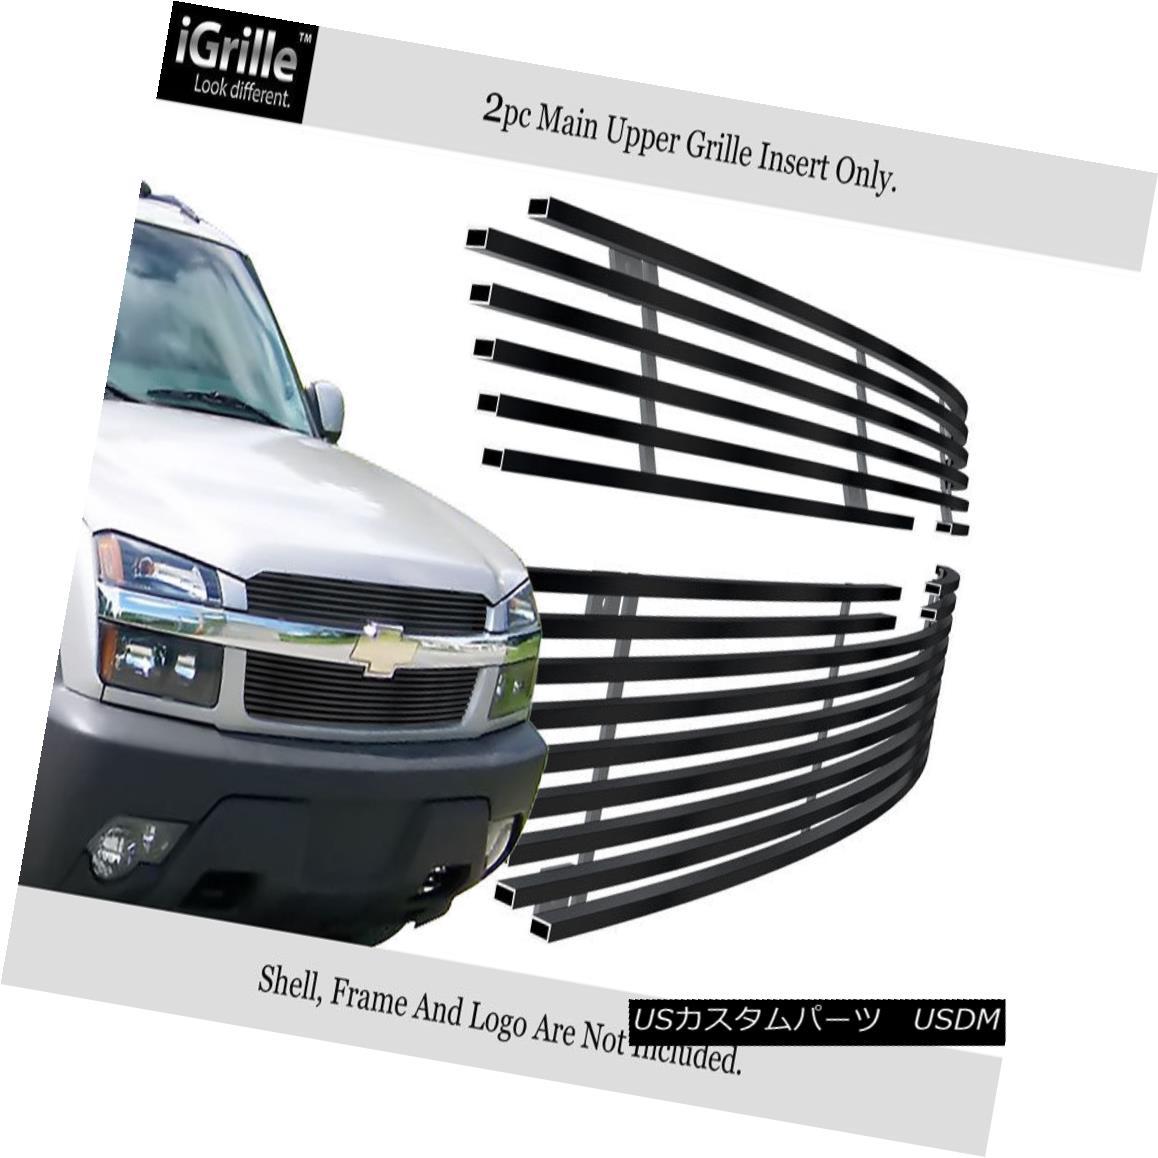 グリル Fits 2001-2006 Chevy Avalanche With Body Cladding Stainless Black Billet Grille 2001-2006シボレーアバランチェ、ボディクラッディング付きステンレスブラックビレットグリル